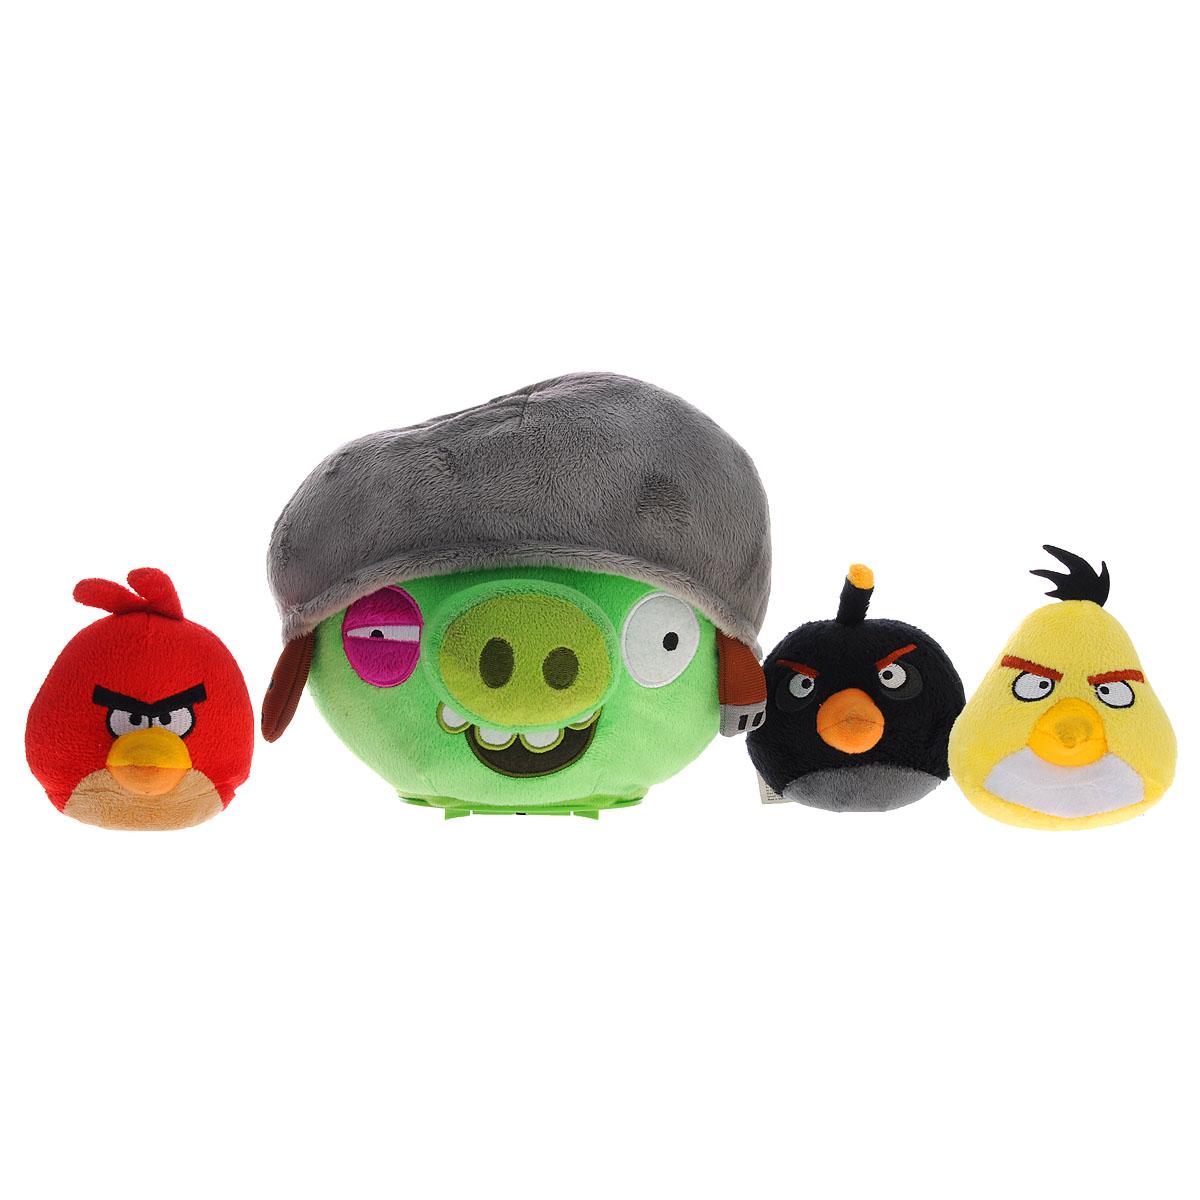 Интерактивная игра Angry Birds: Свинка в каске, 3 ПтичкиCTC-AB-2Интерактивная игра Angry Birds - это увлекательная игра для всей семьи, которая развивает меткость и ловкость. Цель игры - при помощи Птичек наказать зловредную Свинку, но это не так просто, ведь Свинка убегает и уворачивается. Необходимо включить Свинку и поставить на ровную поверхность. Игрушка, оснащенная датчиком движения, начнет перемещаться. Нужно запускать Птичек, стараясь попасть ими в Свинку. Игра предусматривает два режима: классический, в котором для победы нужно попасть Птичкой в свинку 3 раза подряд за короткий срок, и как попало!, в котором нельзя предугадать, от попадания какой Птички Свинка будет повержена. Свинка при движении и попаданиях в нее Птичек издает забавные звуки. В комплект игры входят мягкая интерактивная игрушка в виде Свинки в каске, четыре мягких игрушки в виде Птичек и правила игры на русском языке. Игрушки выполнены в виде персонажей популярной компьютерной игры Angry Birds. Ваш ребенок будет в восторге от такого подарка! ...